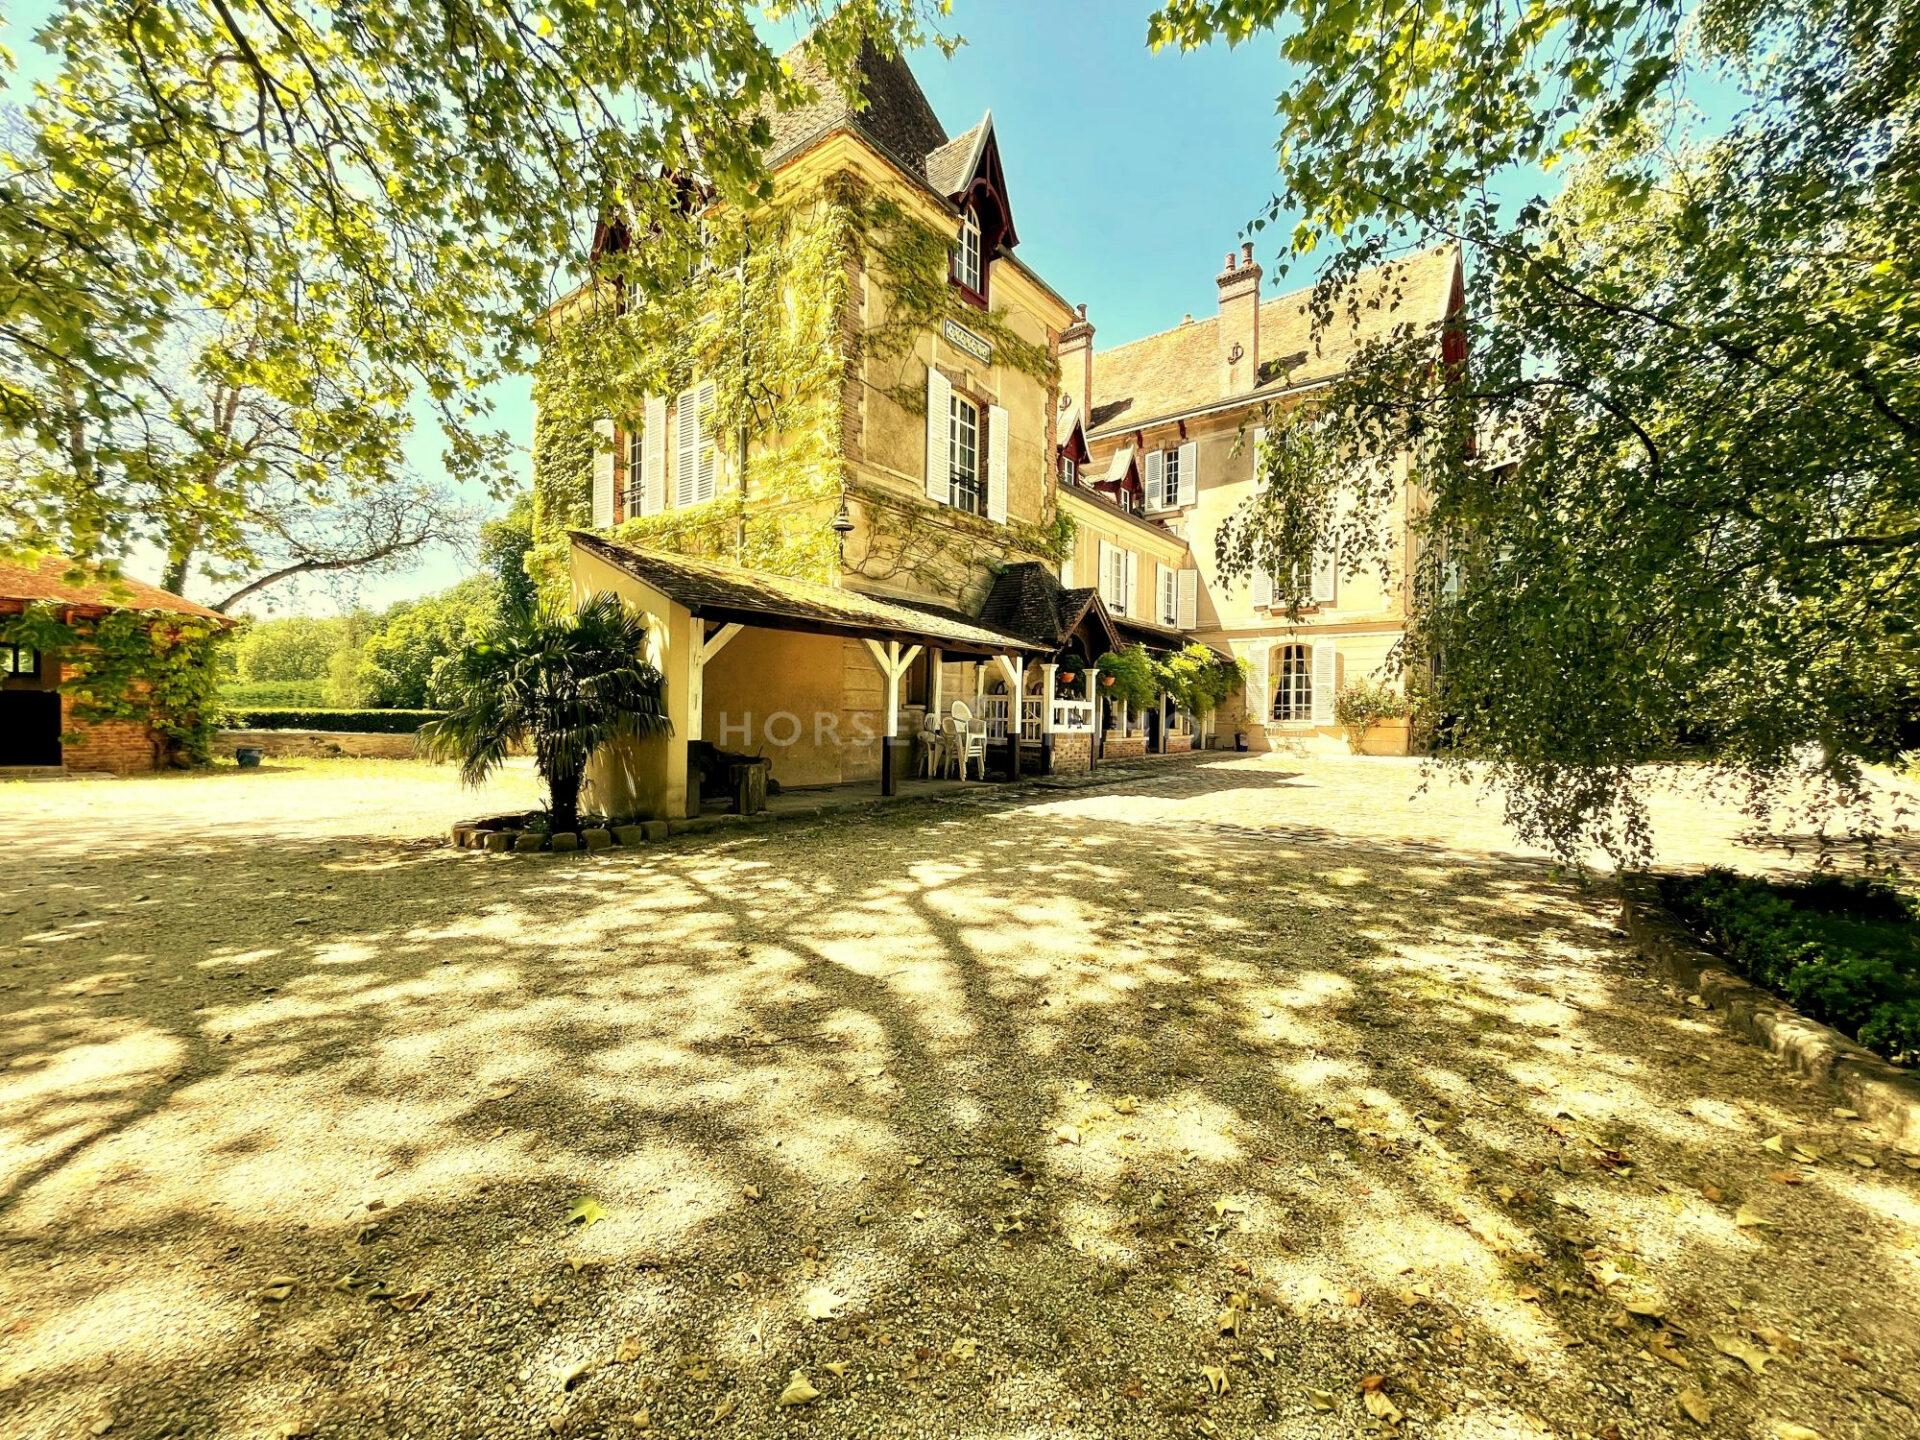 1624020027 VM682 3 original 1920x1440 - Superbe Manoir équestre à 20 minutes de Fontainebleau